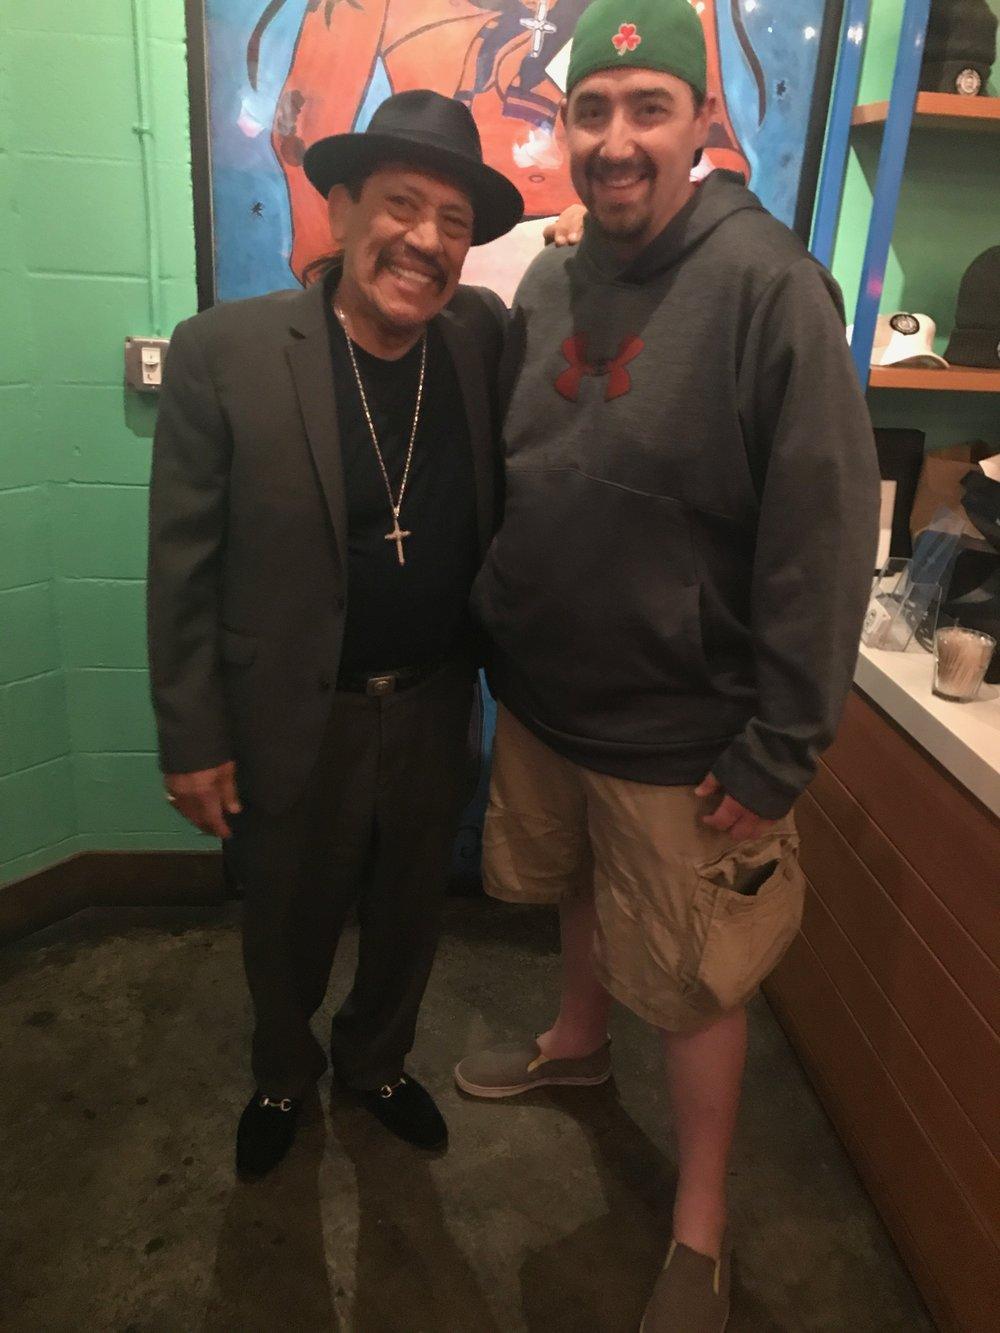 Kevin and Danny Trejo at Trejo's Cantina